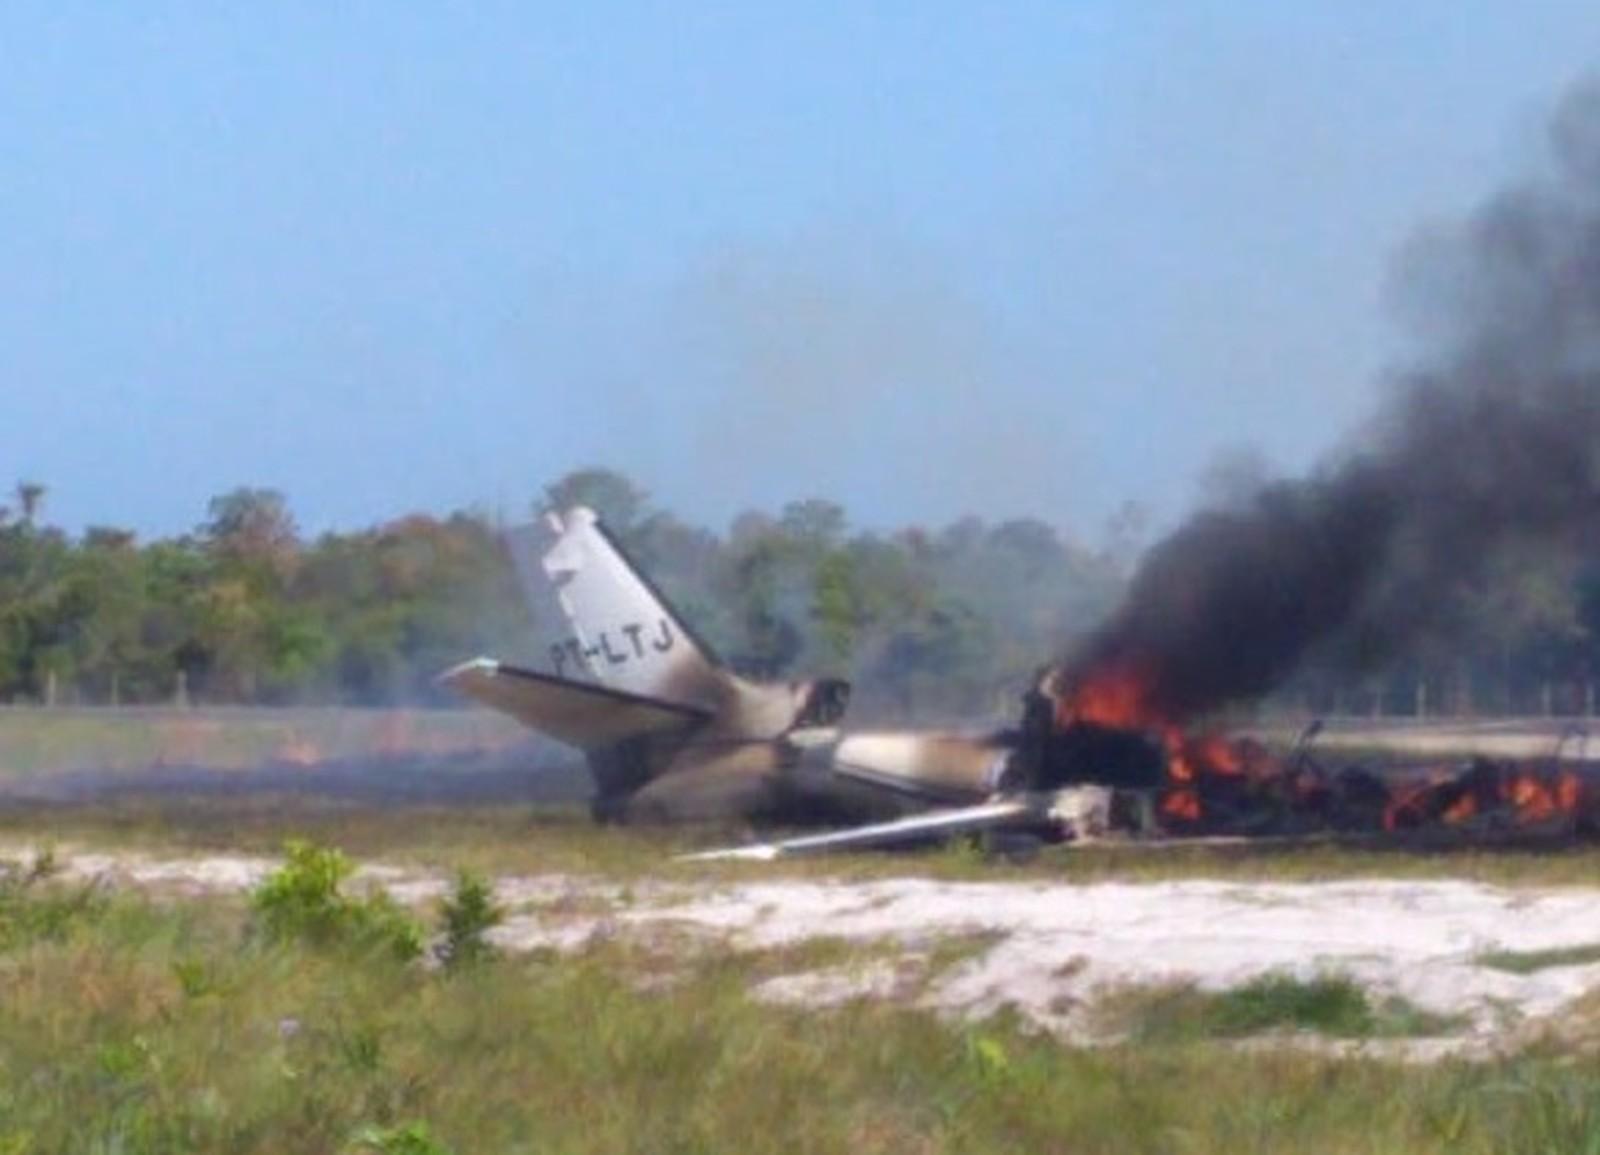 Aeronave cai durante pouso em pista de resort, deixa 1 morto e 9 feridos na Bahia